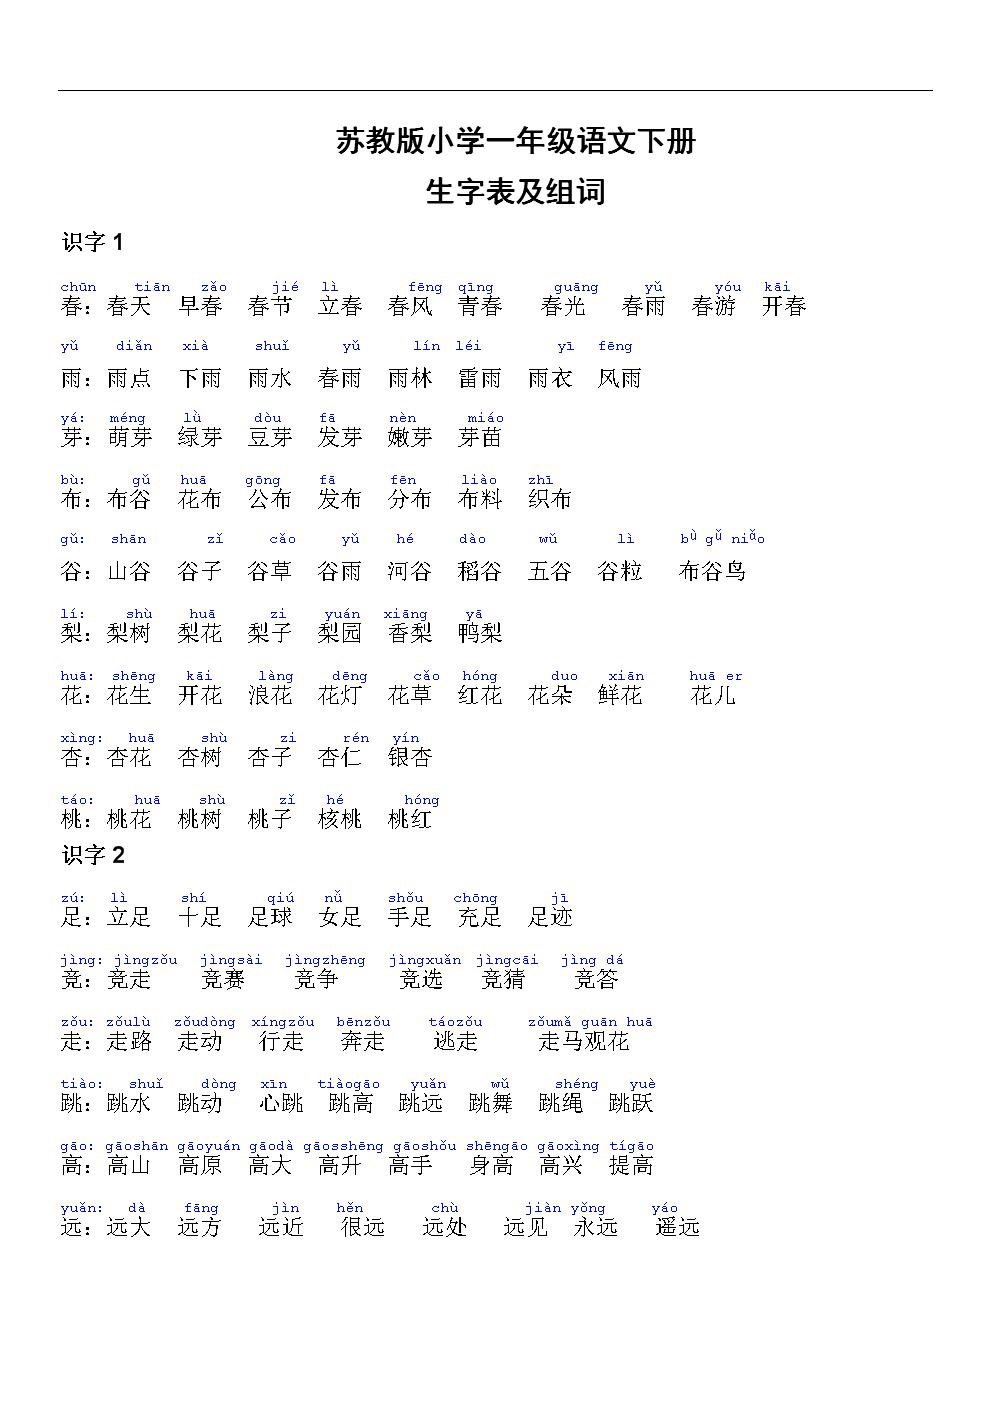 苏教版年级一小学语文拼音生字表组词(详细带下册).doc毛病议论文初中生图片